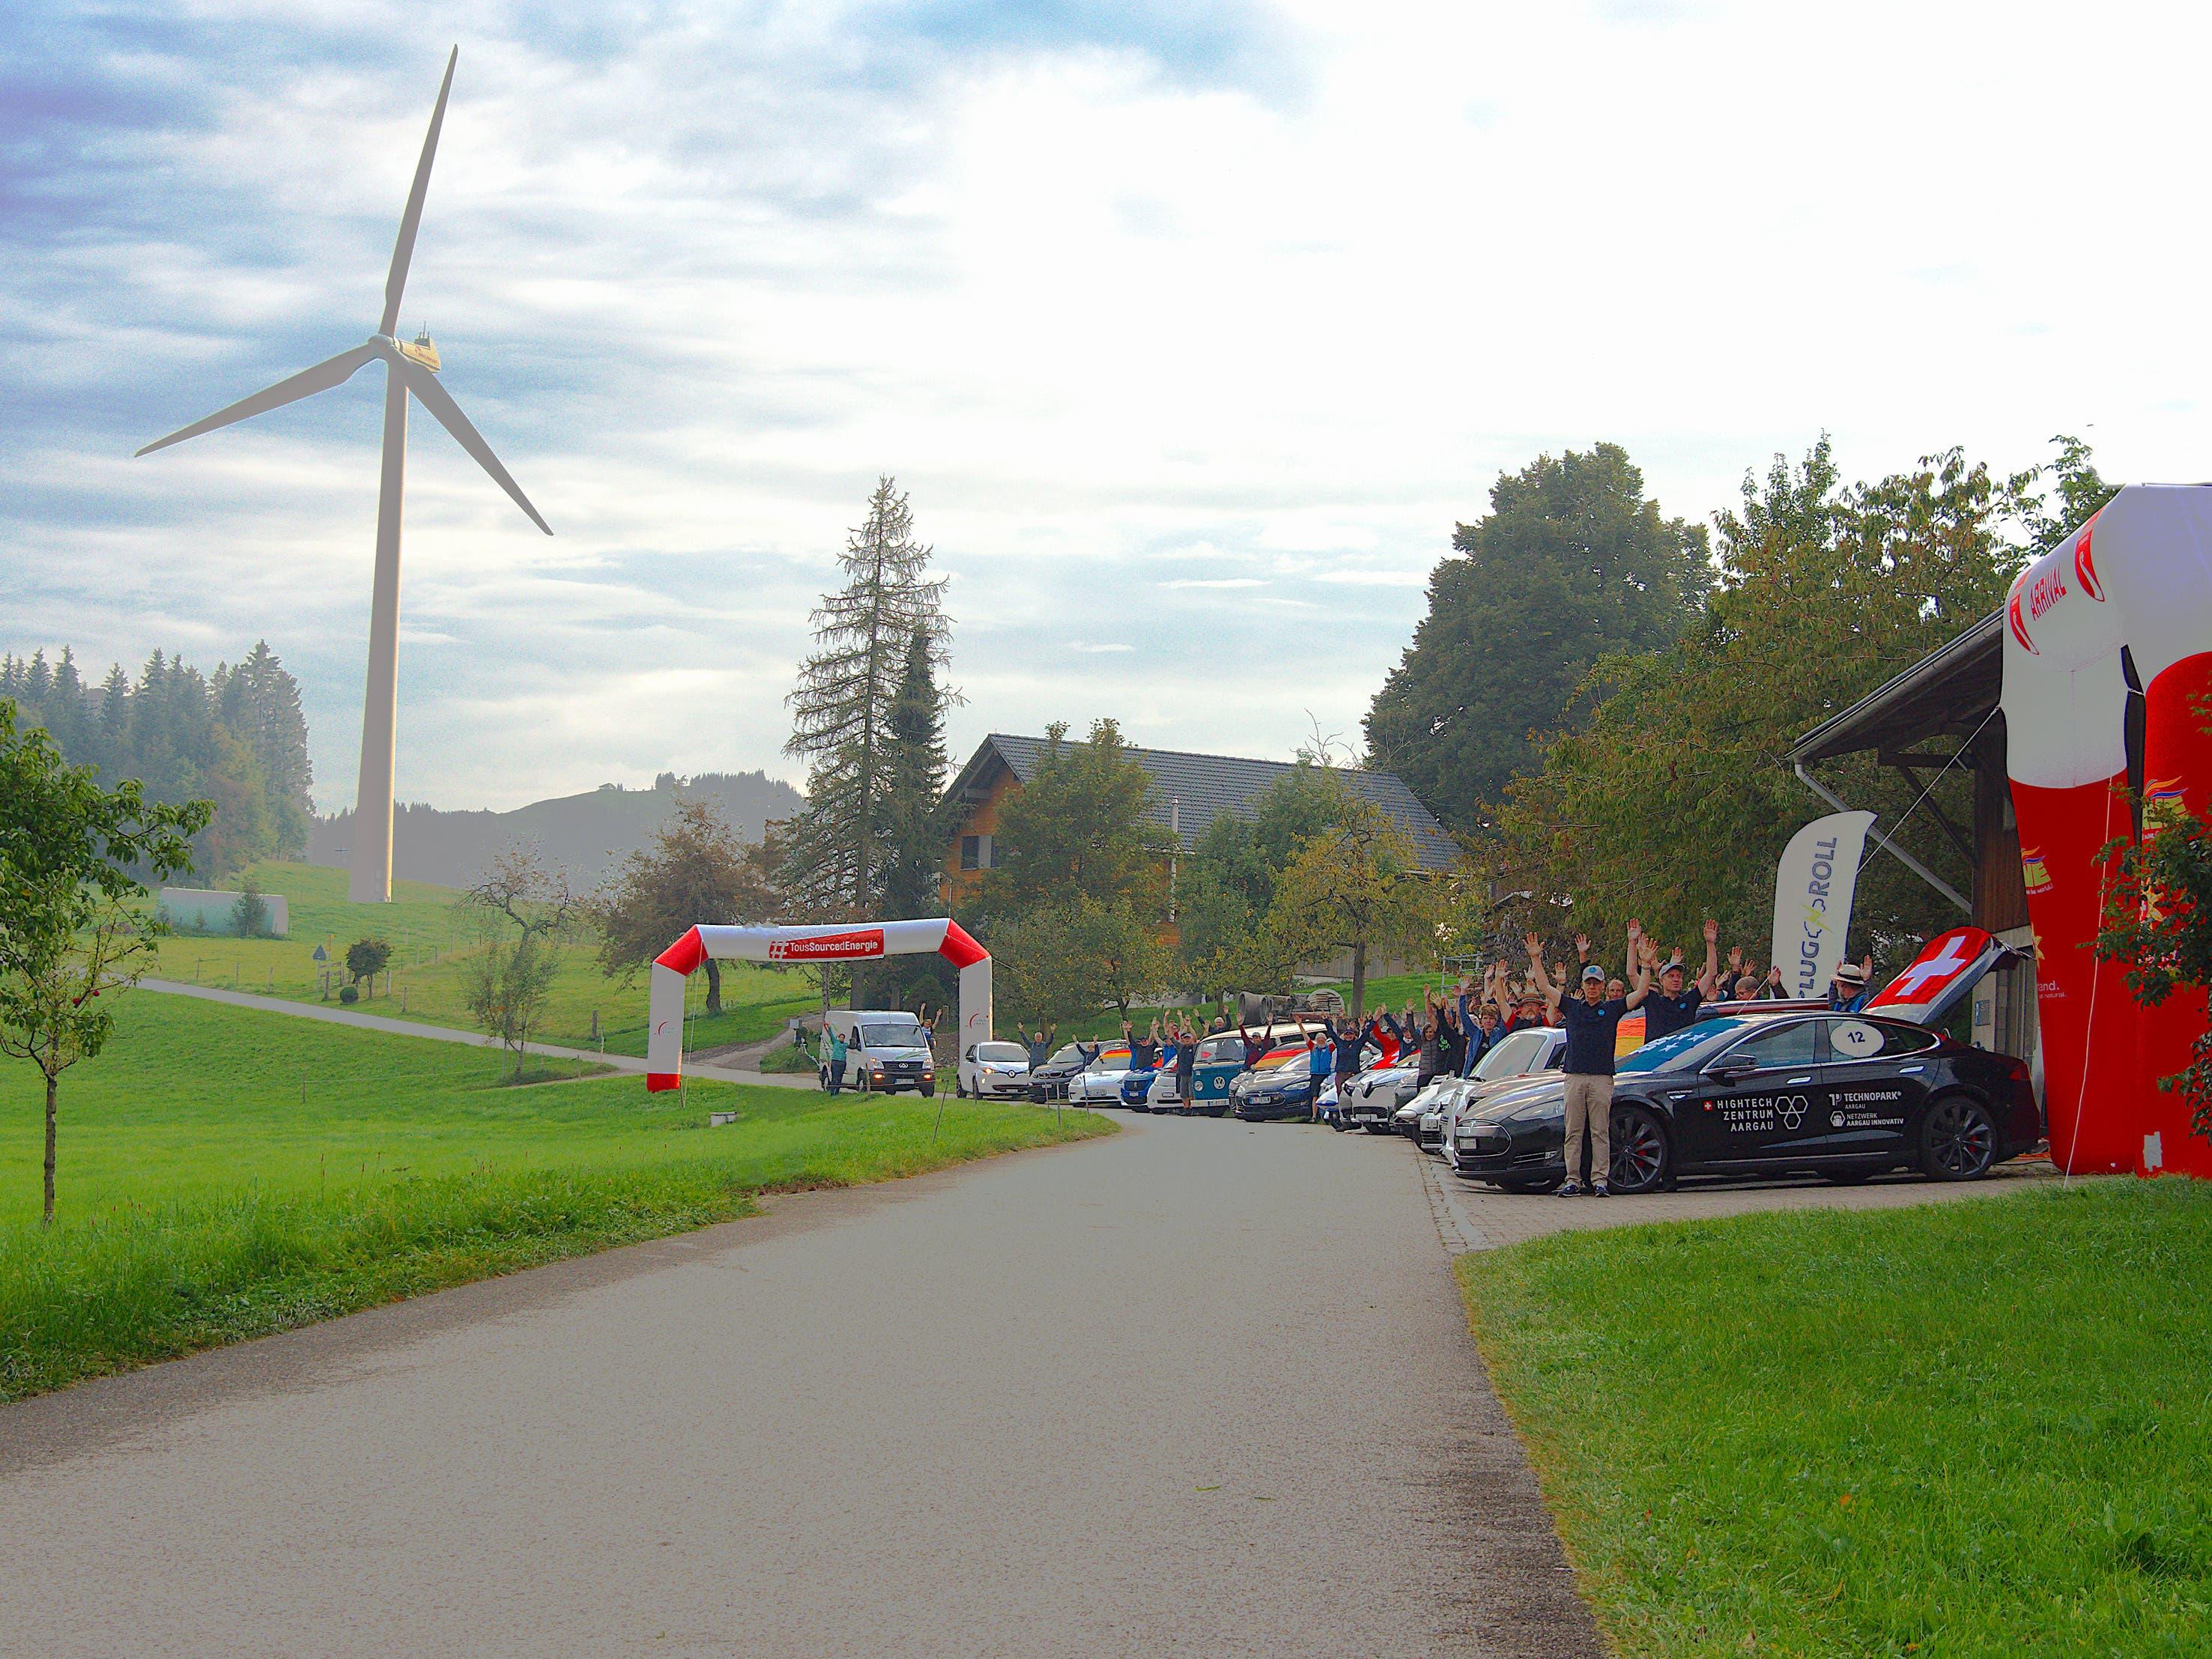 An der Wave Trophy Switzerland erreichte das Team den zweiten Podestplatz. Zudem gewann es den Publikumspreis «Most Popular».